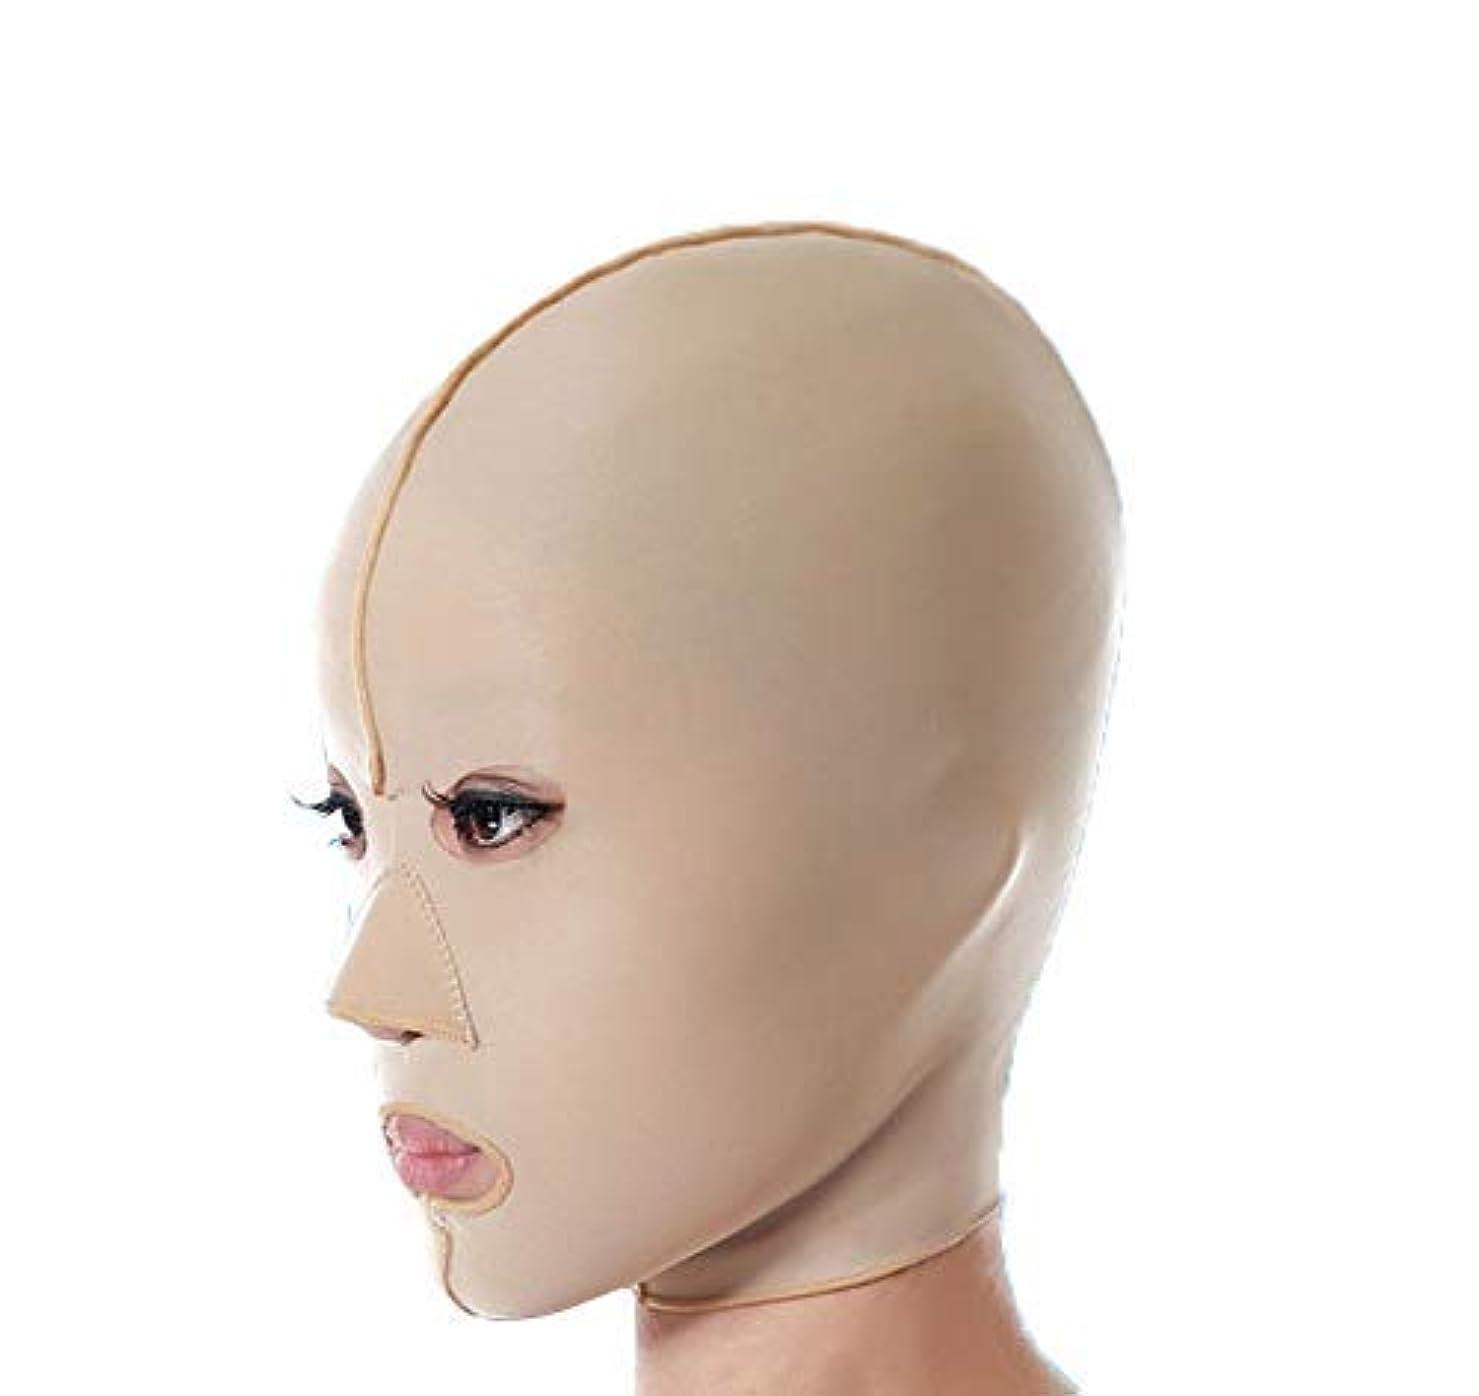 走る鮫侵入ファーミングフェイスマスク、フェイシャルマスク医学強力なフェイスマスクアーティファクト美容垂れ防止法パターンフェイシャルリフティングファーミングフルフェイスマスク(サイズ:M),Xl